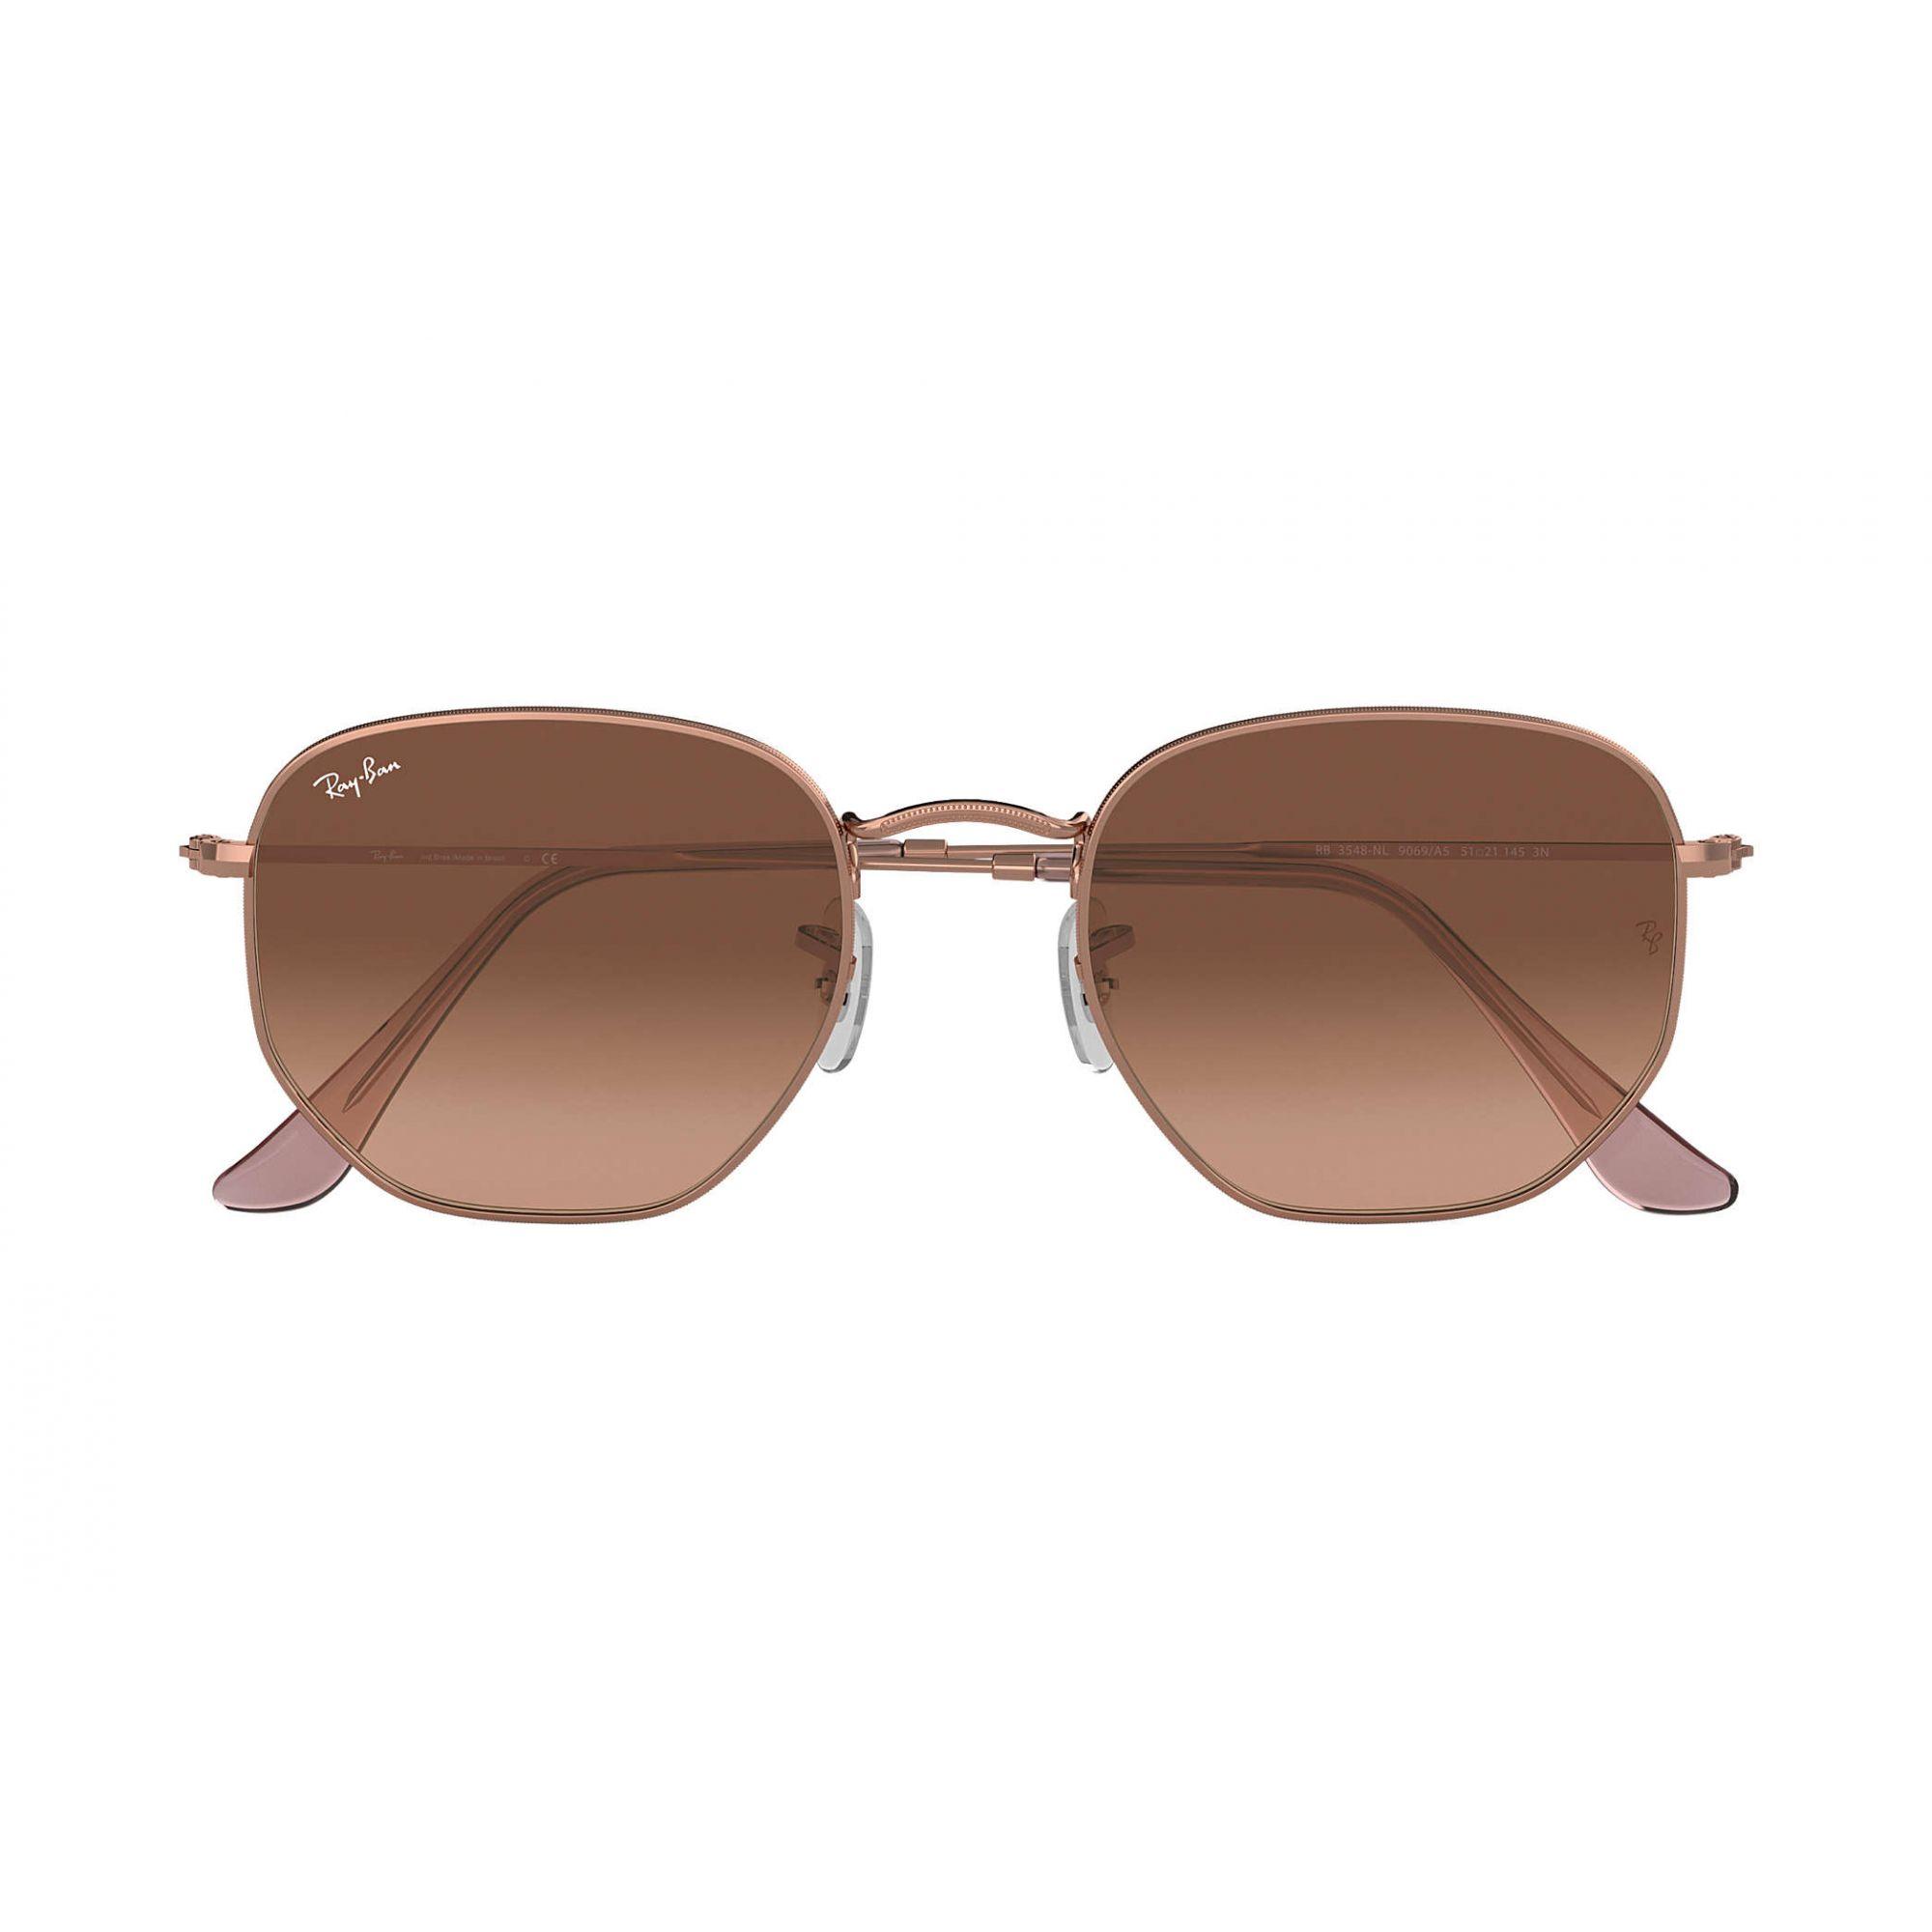 Ray Ban - RB3548NL 9069A5 - Óculos de sol